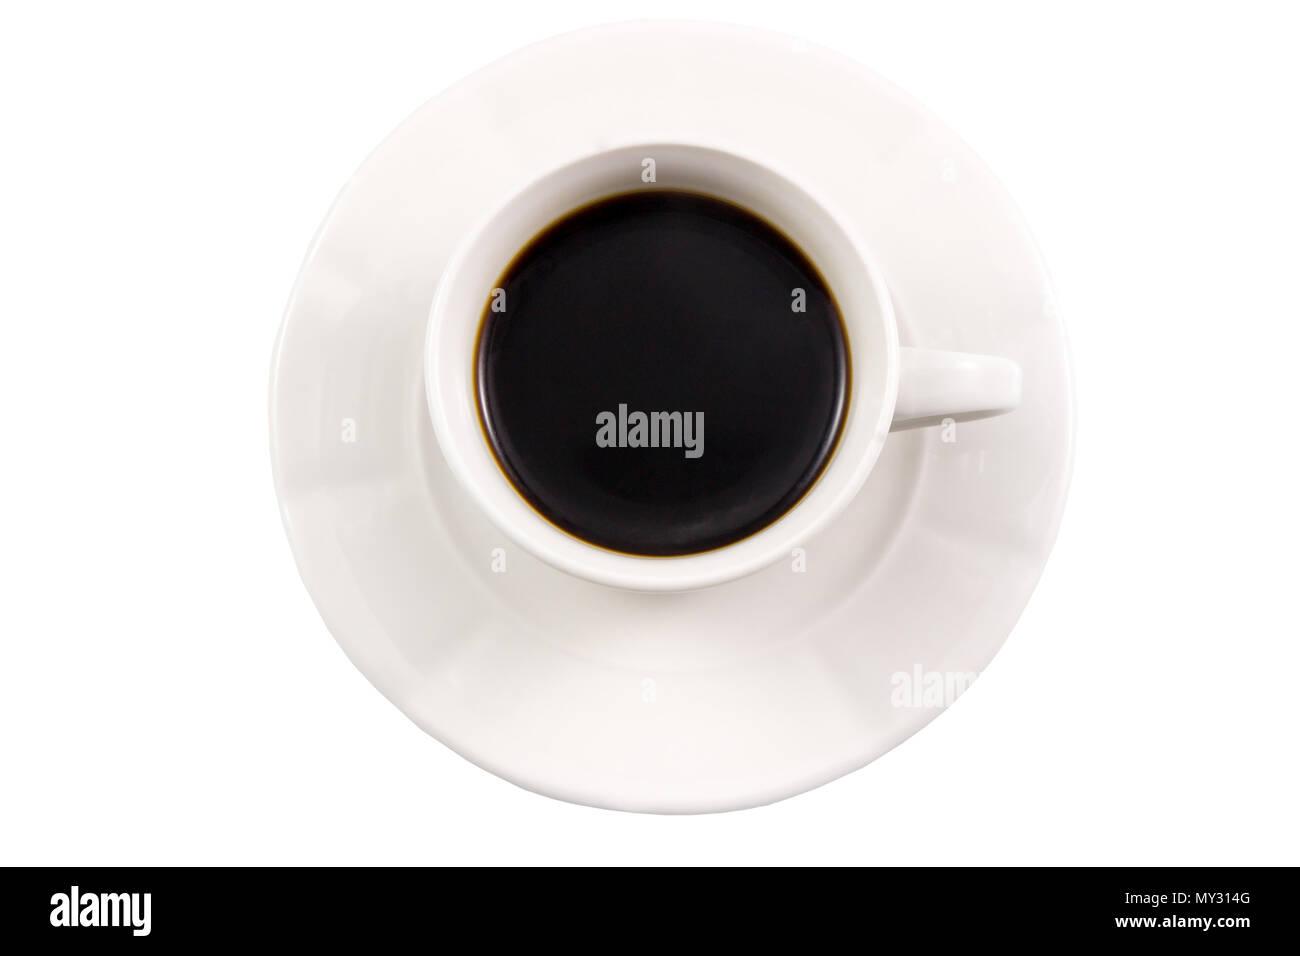 Vista dall'alto di un bianco tazze da caffè su sfondo bianco, caffè nero su bianco vista dall'alto. Immagini Stock